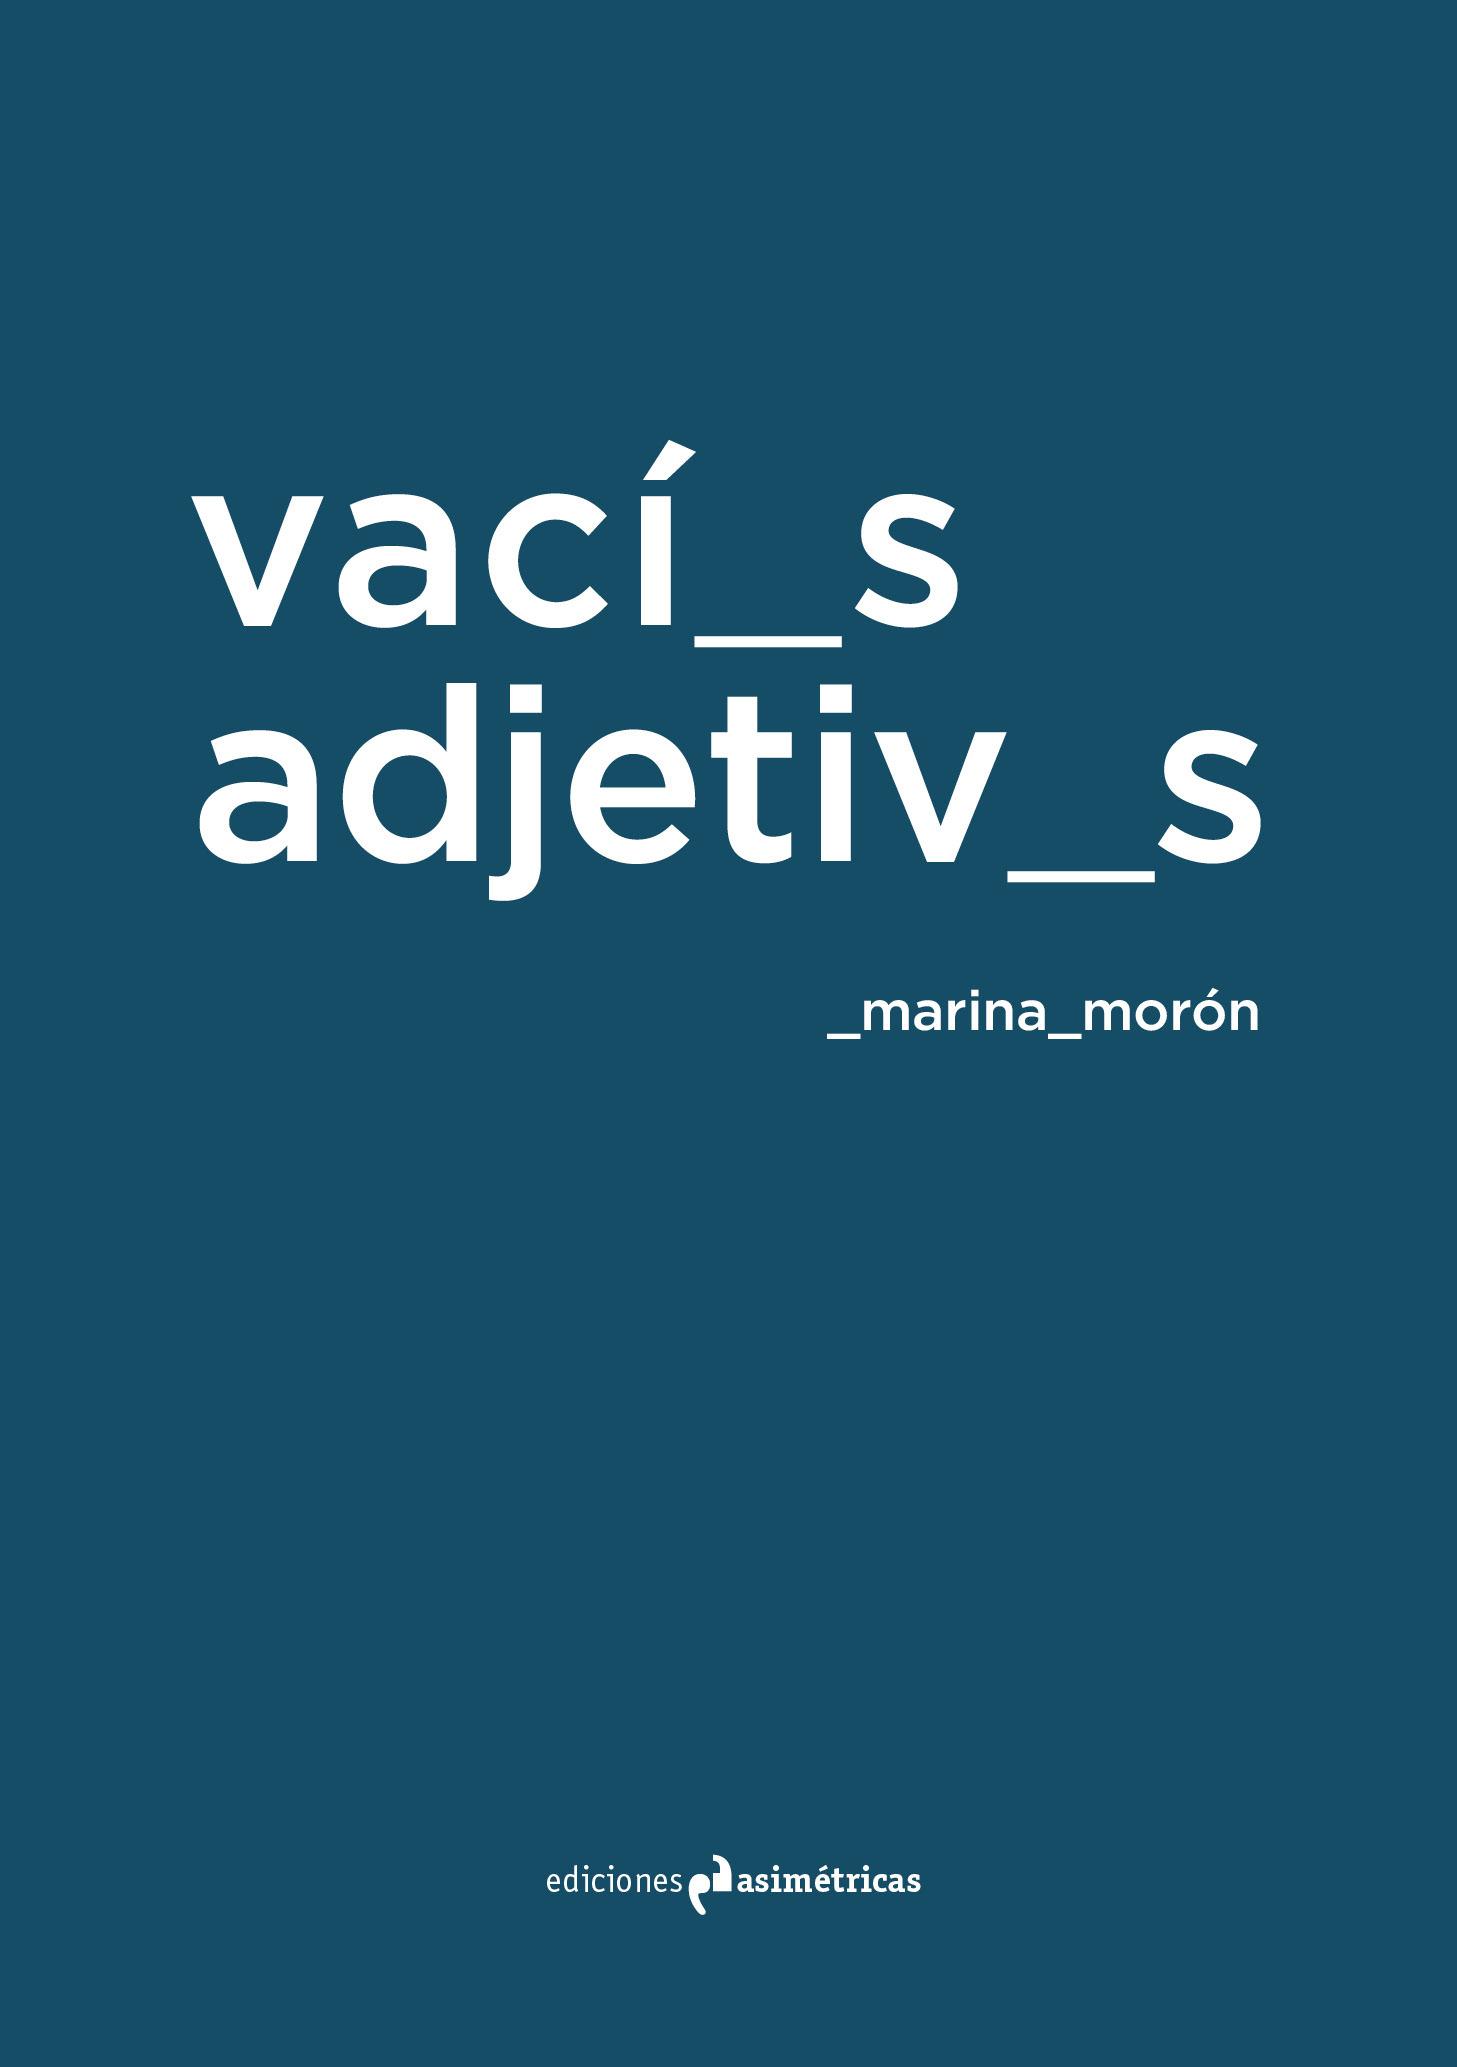 Vac os adjetivos ediciones asim tricas plataforma for Ediciones asimetricas